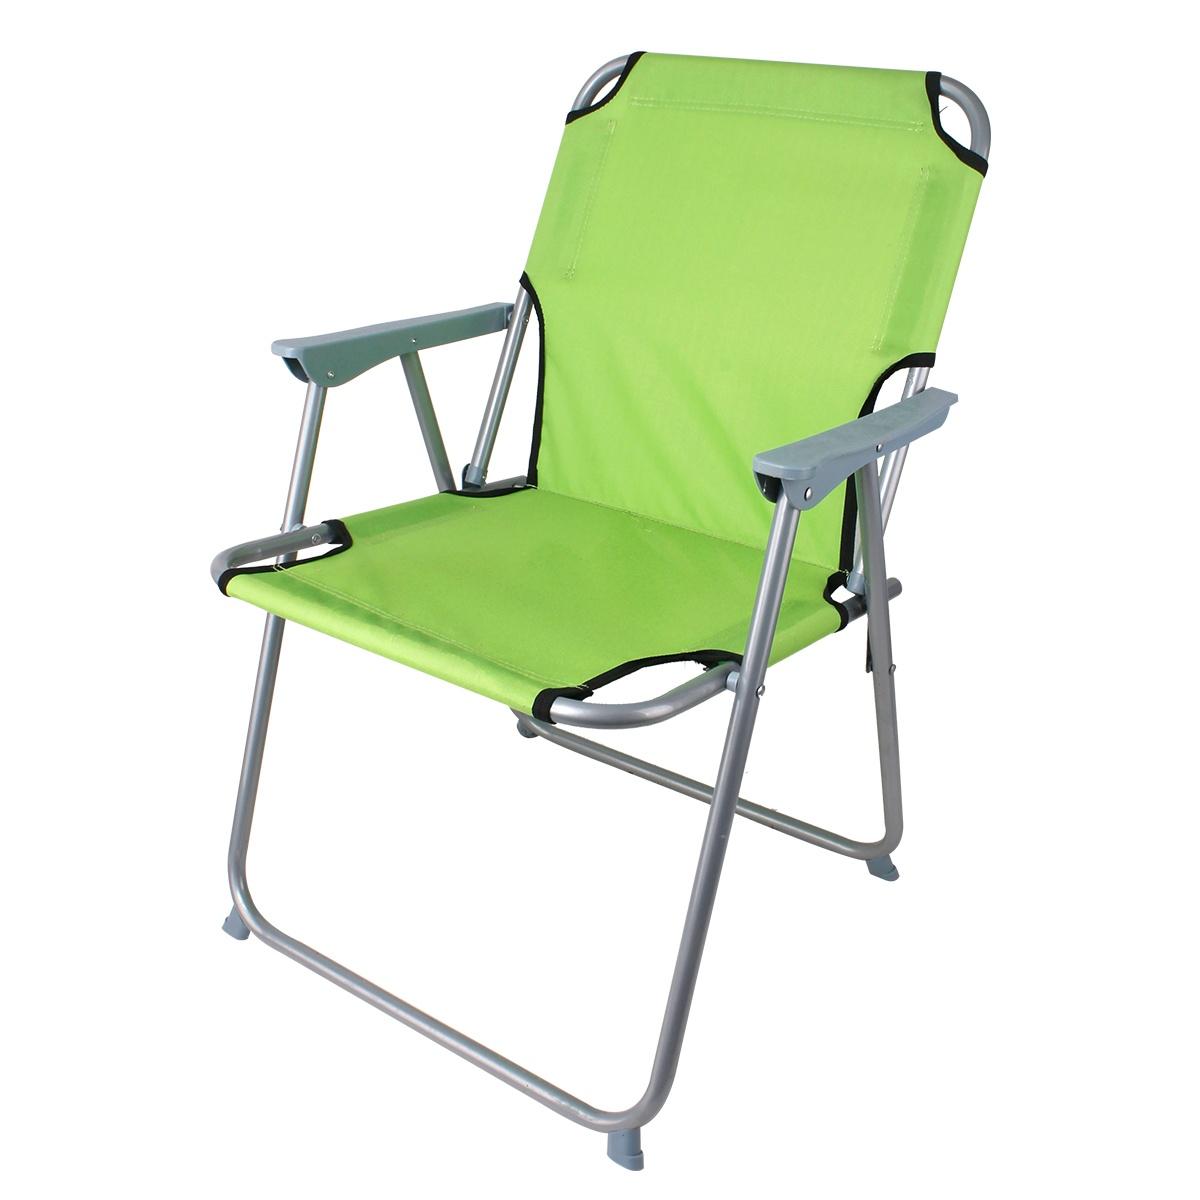 Linder Exclusiv Křeslo OXFORD PO2600LG Lime Green